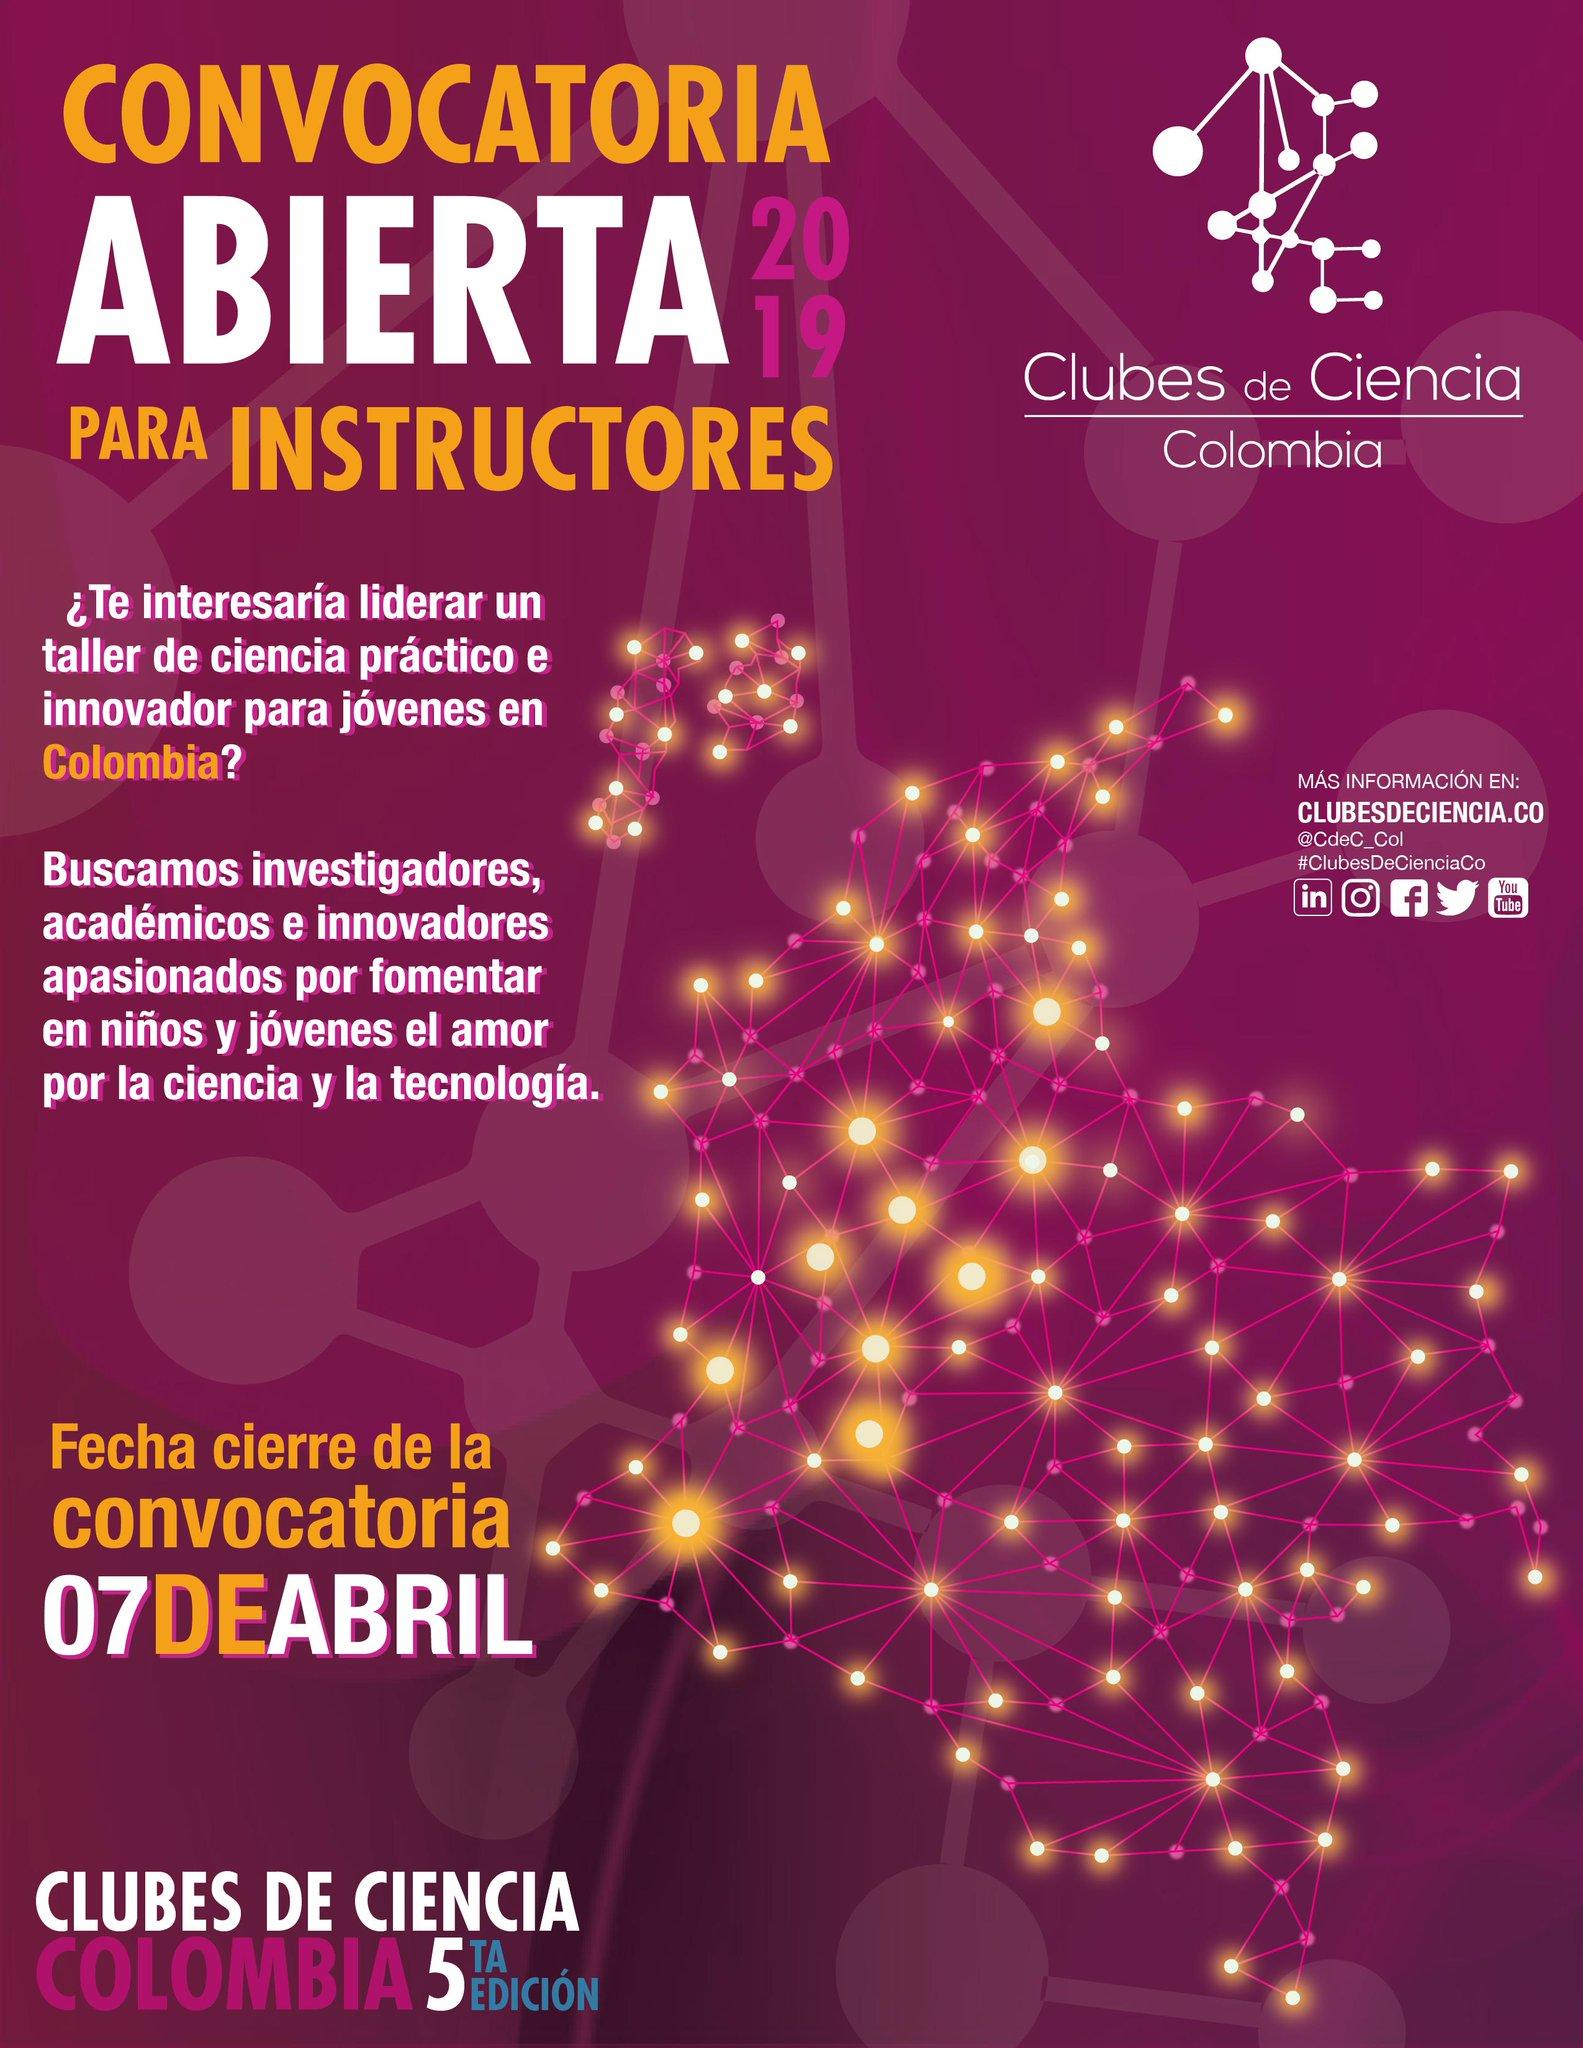 Convocatoria abierta para instructores (Clubes de Ciencia Colombia 2019)